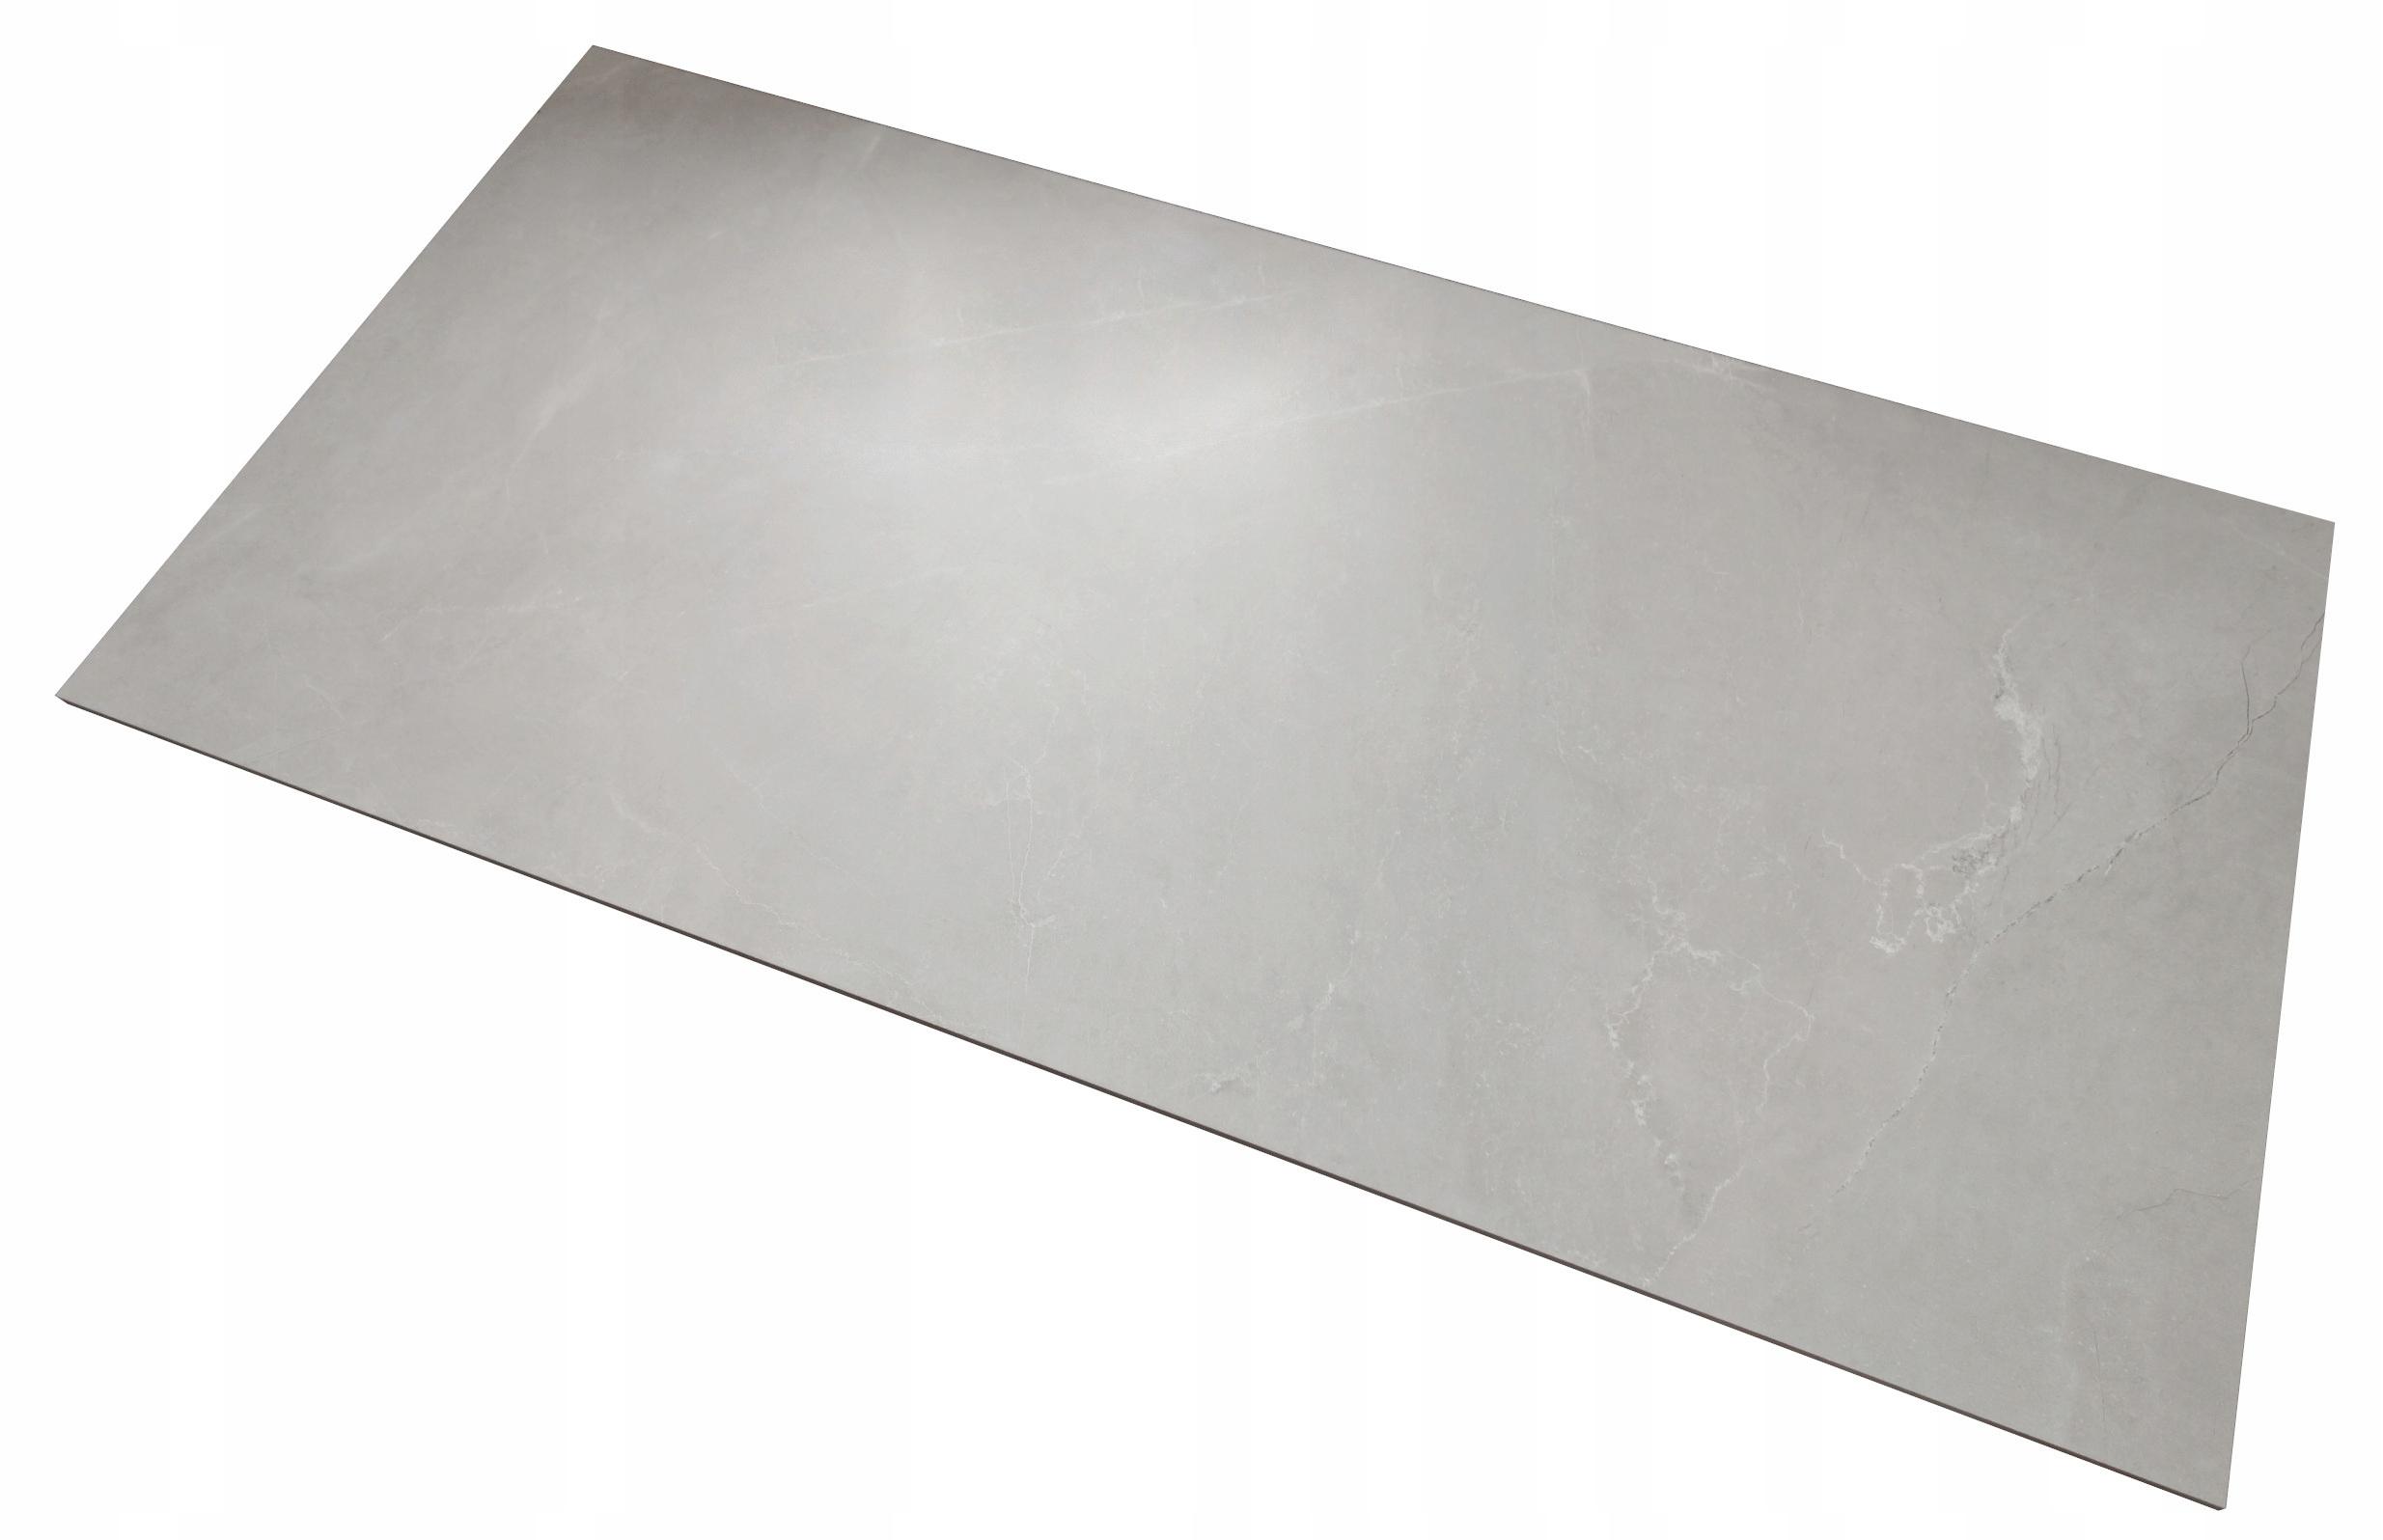 серая напольная плитка имитирующая КАМЕНЬ 120х60